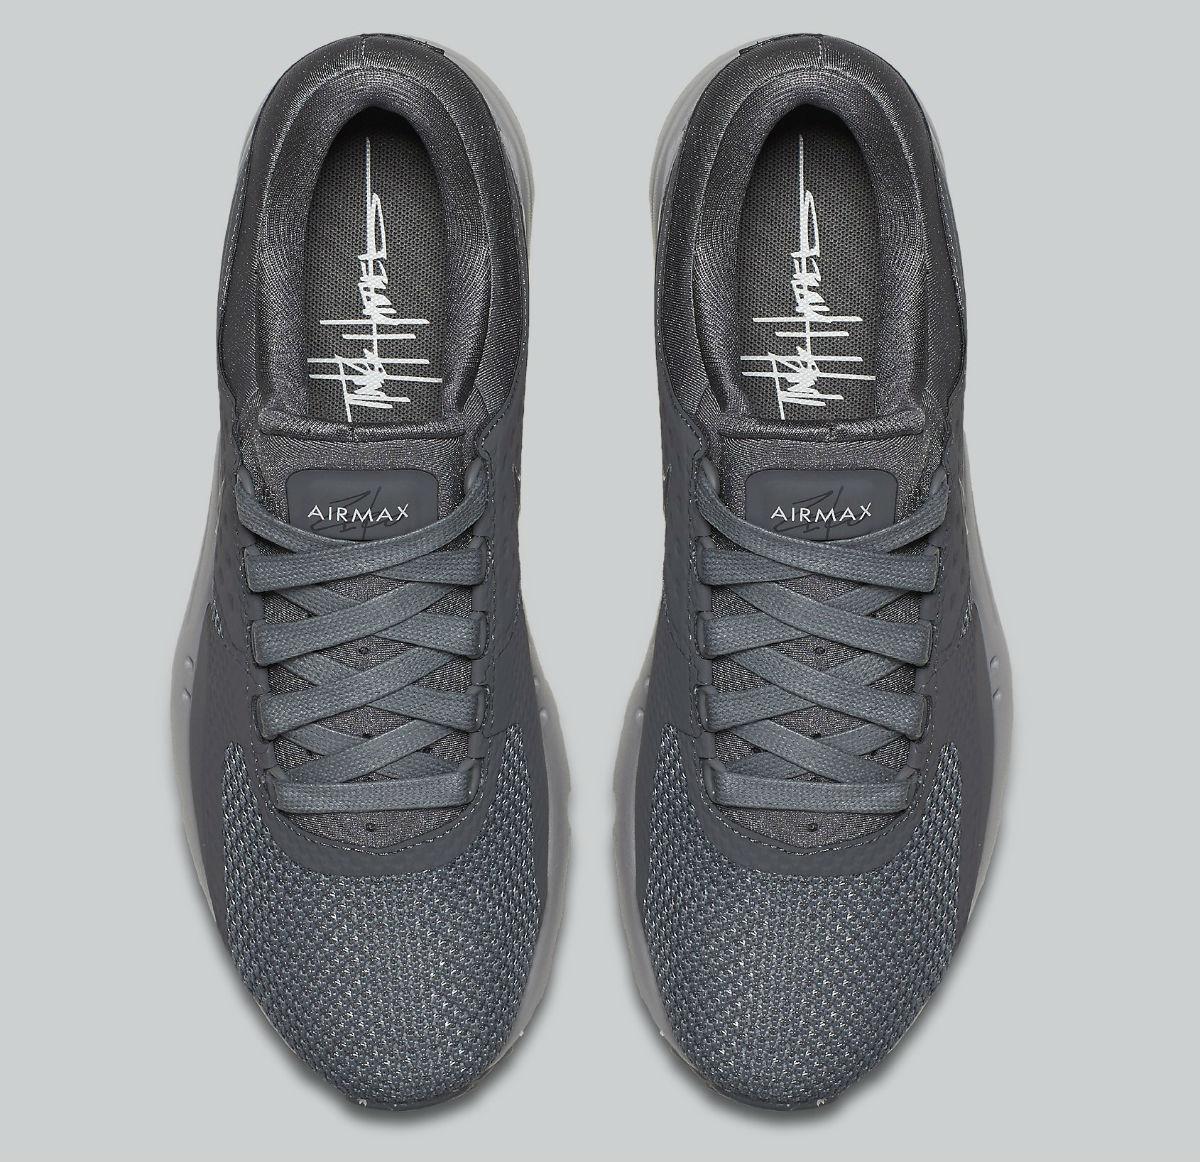 Nike Air Max Zero Cool Grey Top 789695-003